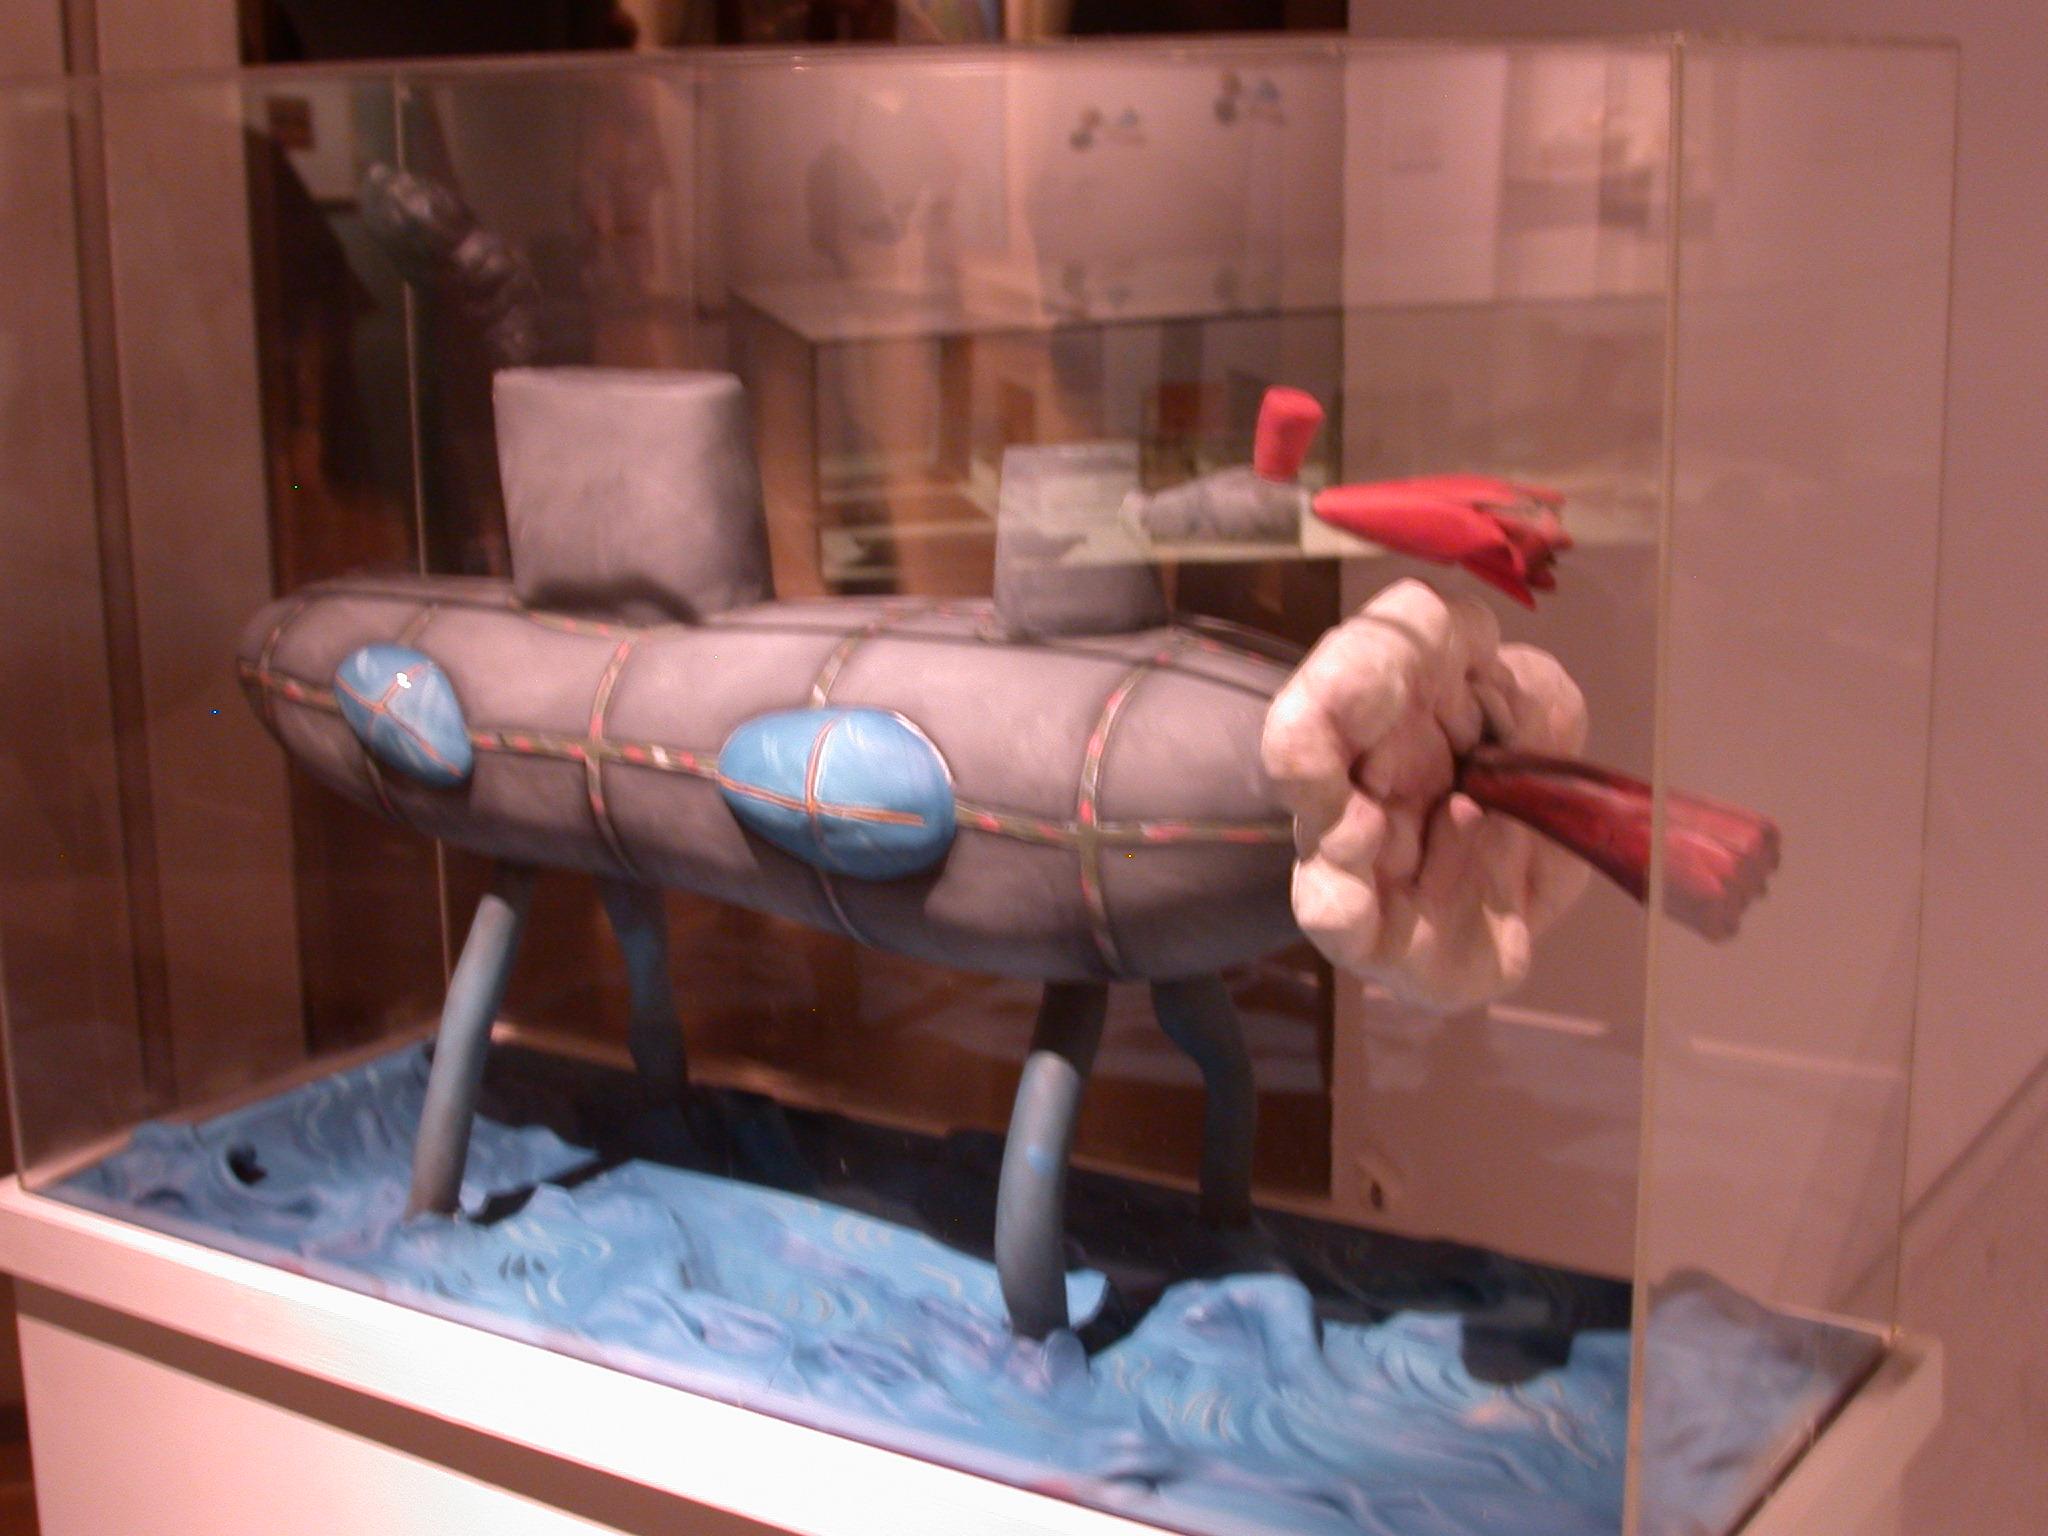 El Submarino, The Submarine, Luis Fernando Benedit, Museo de las Bellas Artes, Buenos Aires, Argentina